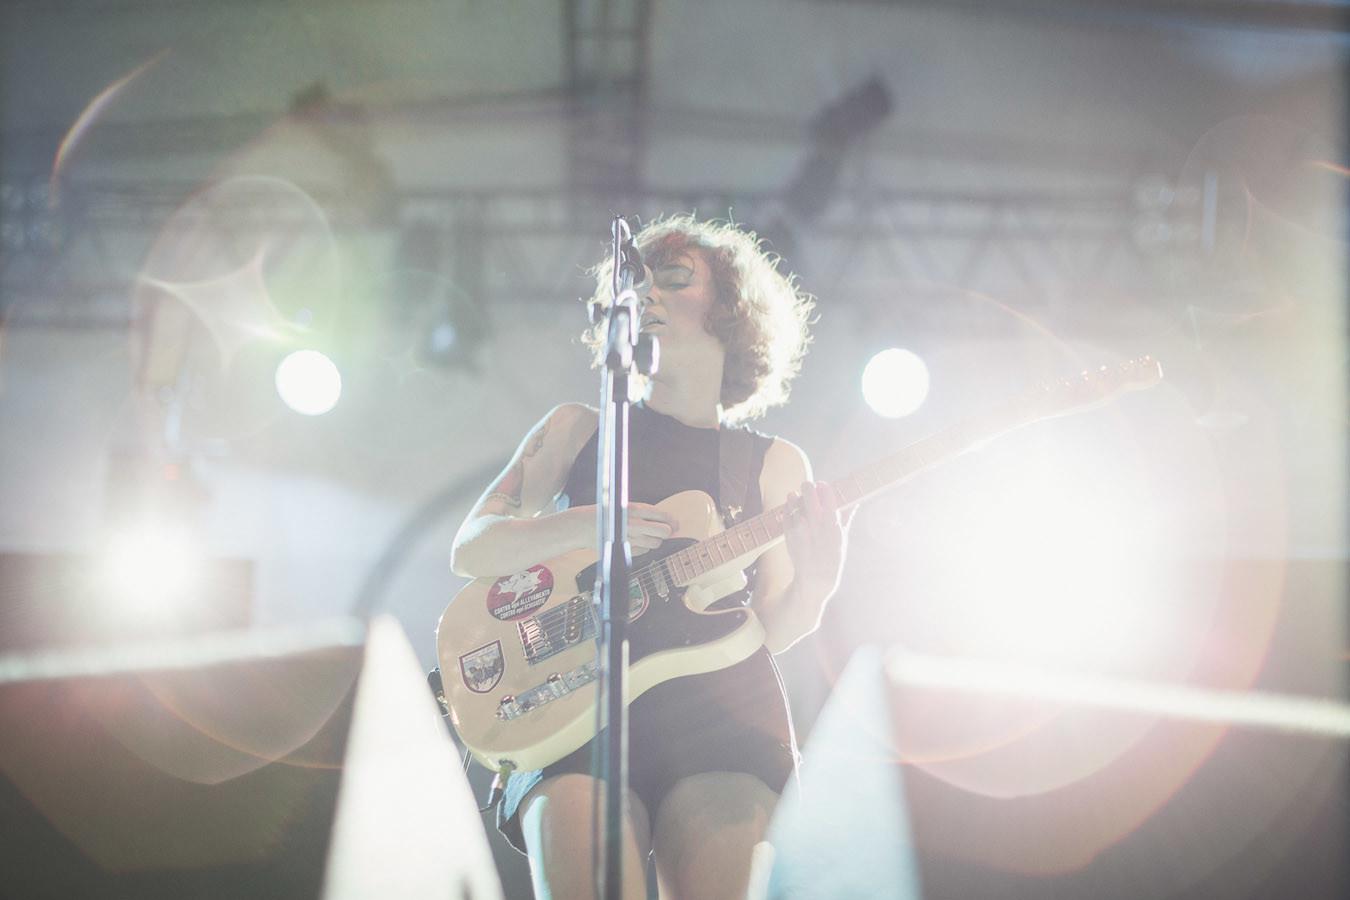 fotografo_eventi_concerti_festival_desio_tittoni_foto_marco_reggi_040